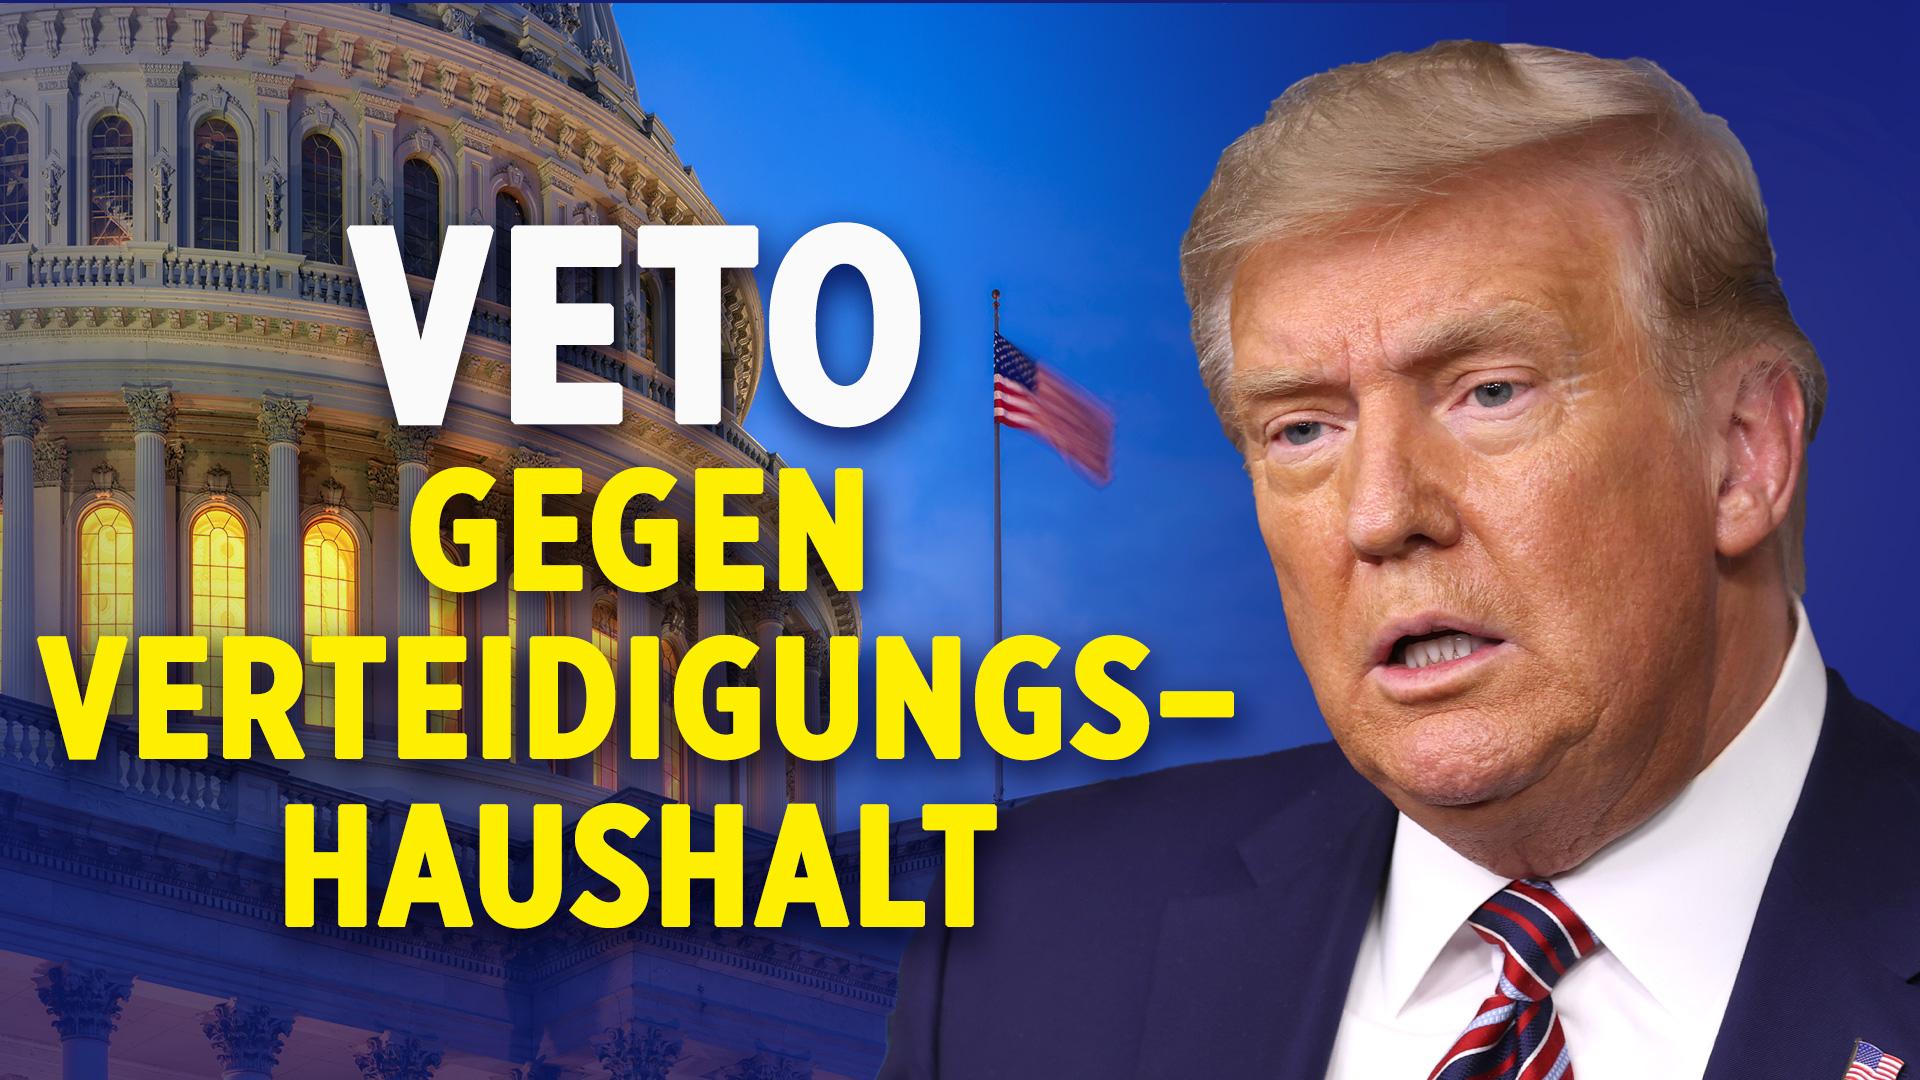 NTD: Trump legt Veto gegen Verteidigungshaushalt ein | Arizona: Senatoren fordern Zugang zu Wahlgeräten